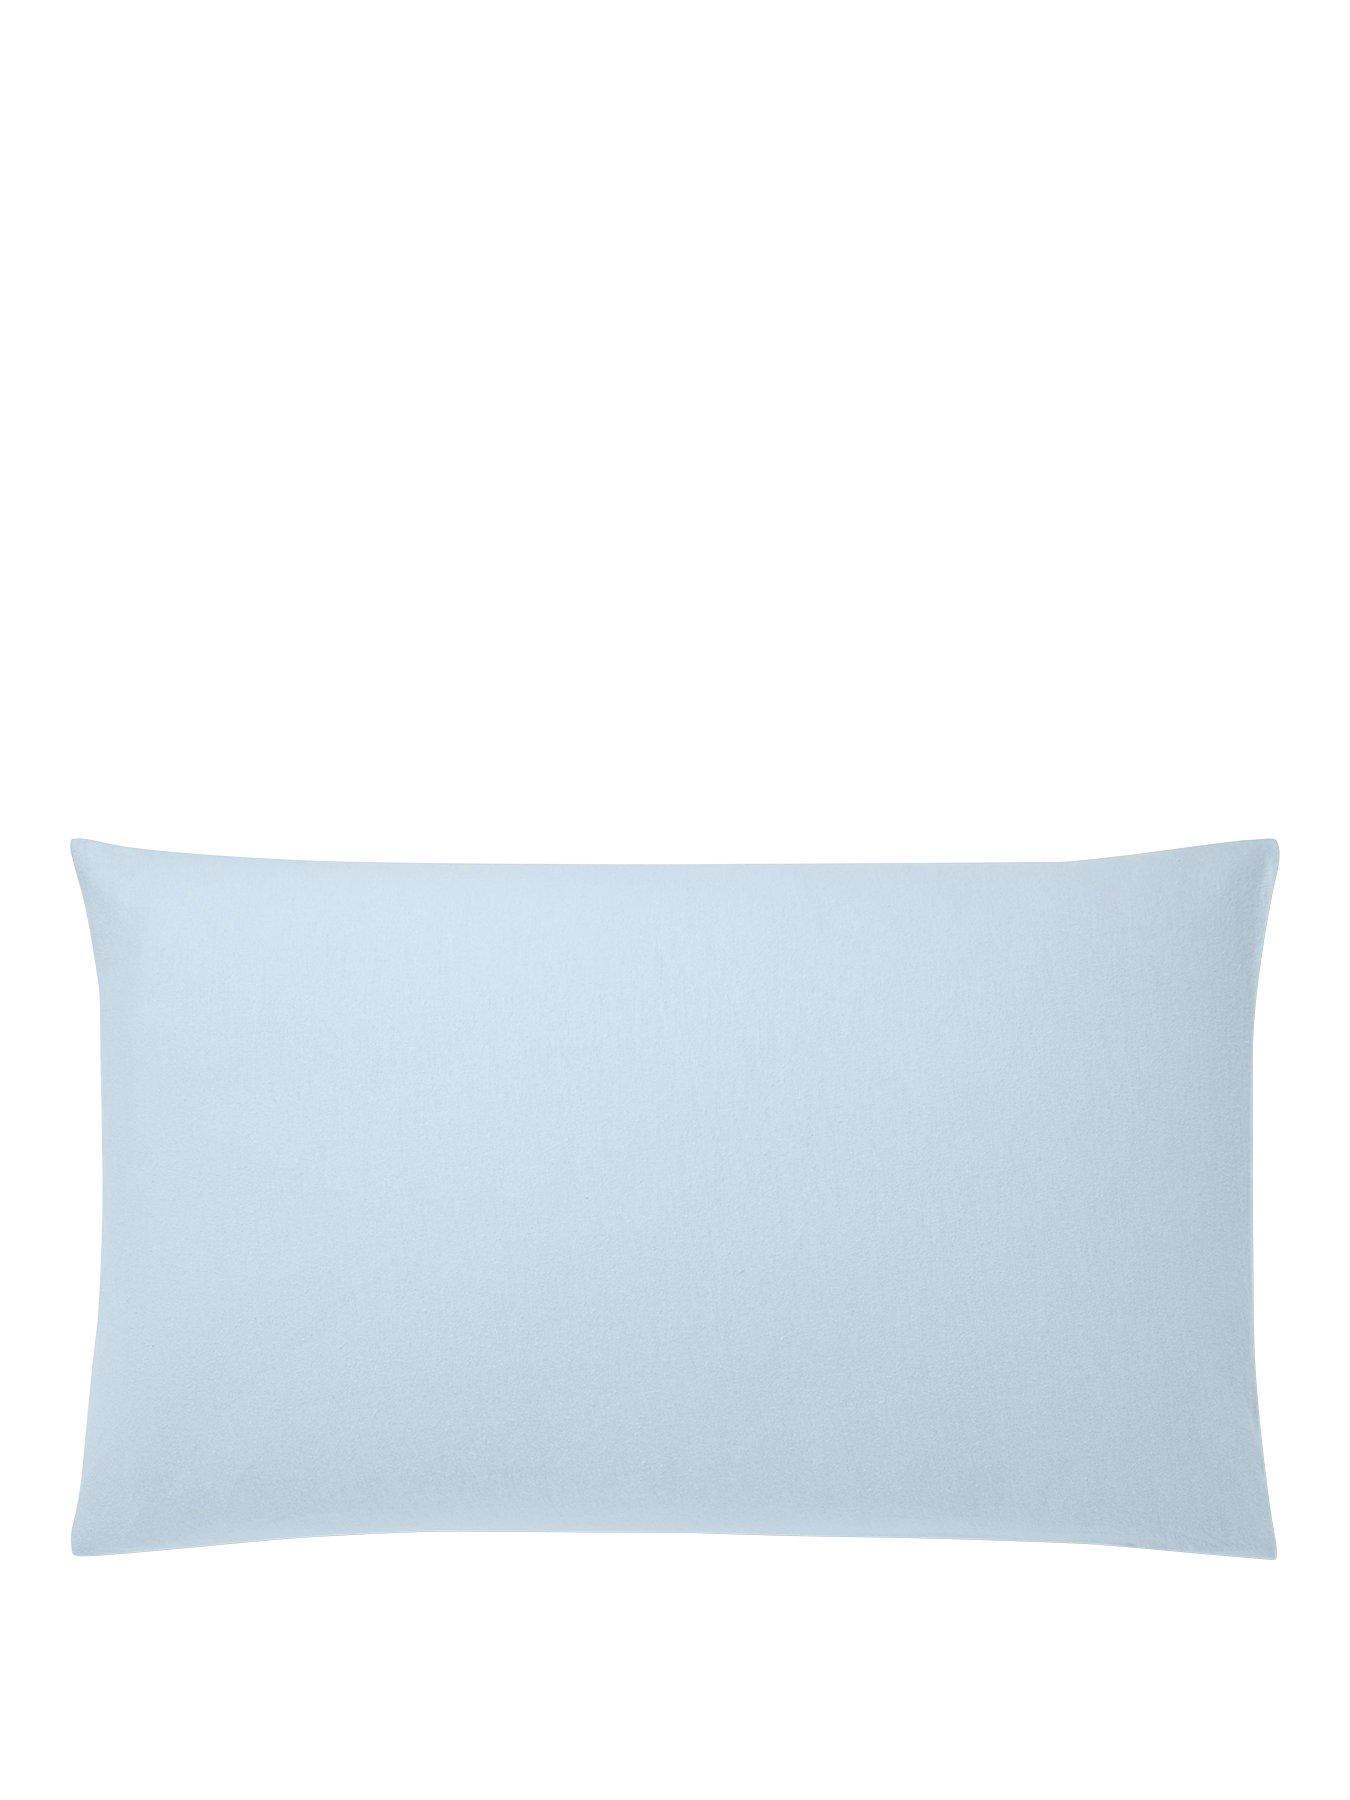 Brushed Cotton Pillowcase Pair